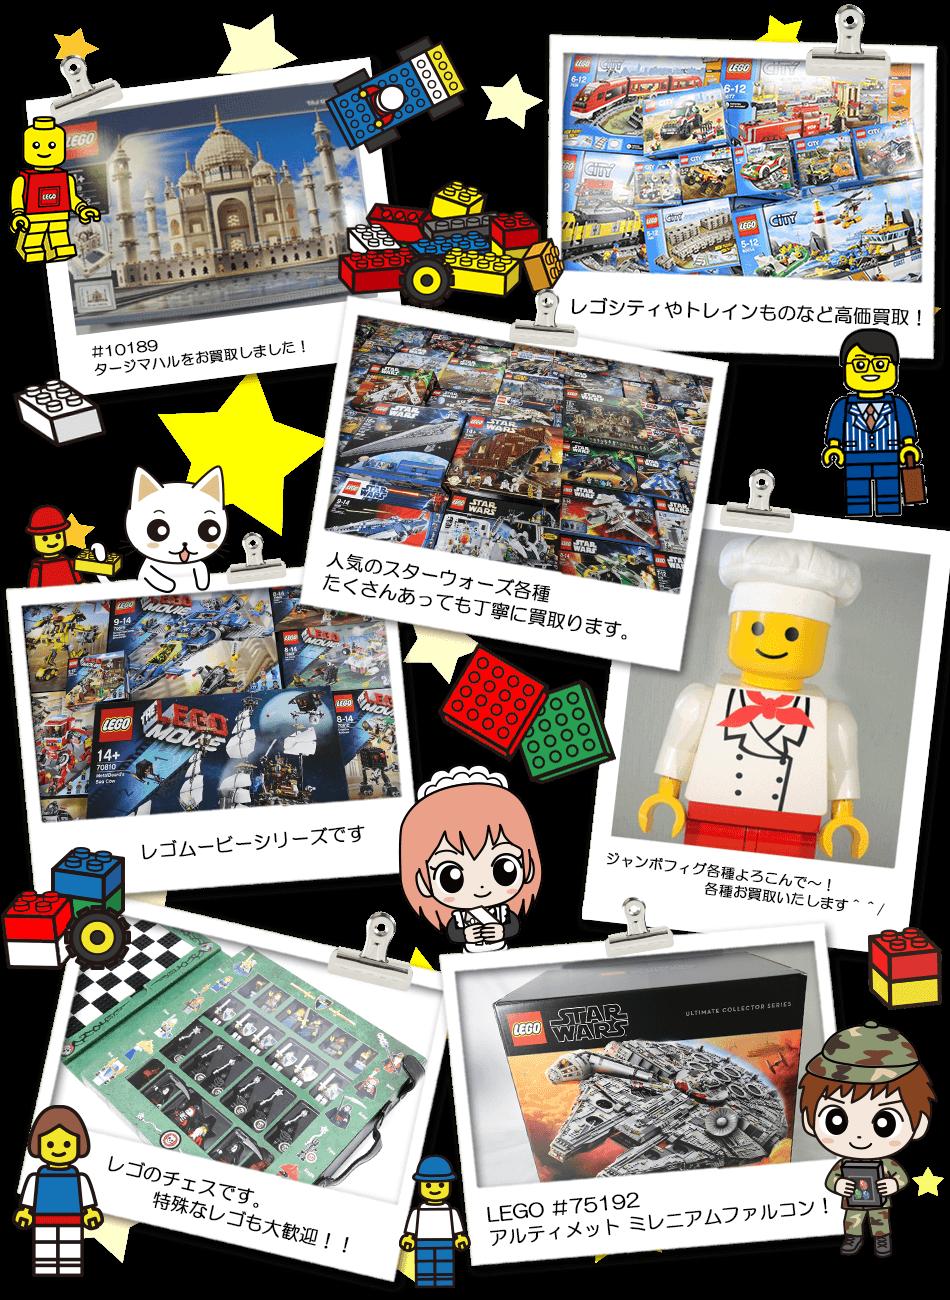 色々なレゴブロックを沢山のお客様からお買い取りさせて頂きました。